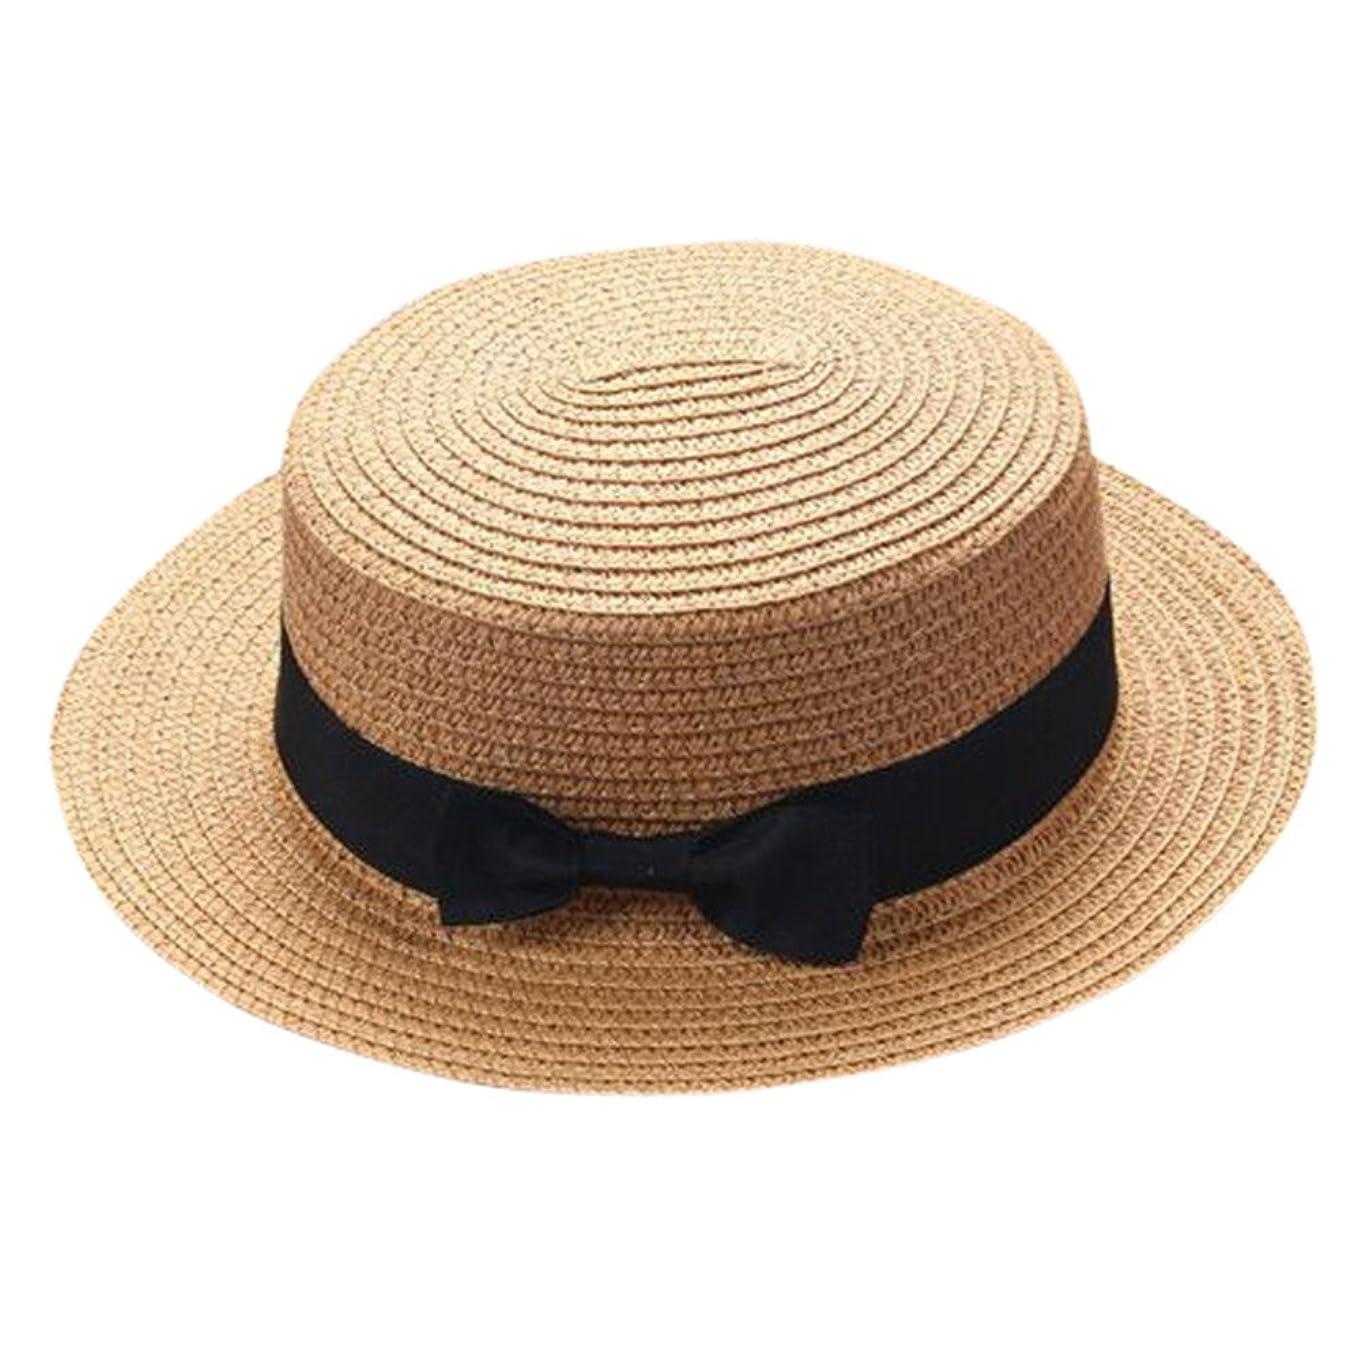 排泄するあからさま優遇キャップ キッズ 日よけ 帽子 小顔効果抜群 旅行用 日よけ 夏 ビーチ 海辺 かわいい リゾート 紫外線対策 男女兼用 日焼け防止 熱中症予防 取り外すあご紐 つば広 おしゃれ 可愛い 夏 ROSE ROMAN